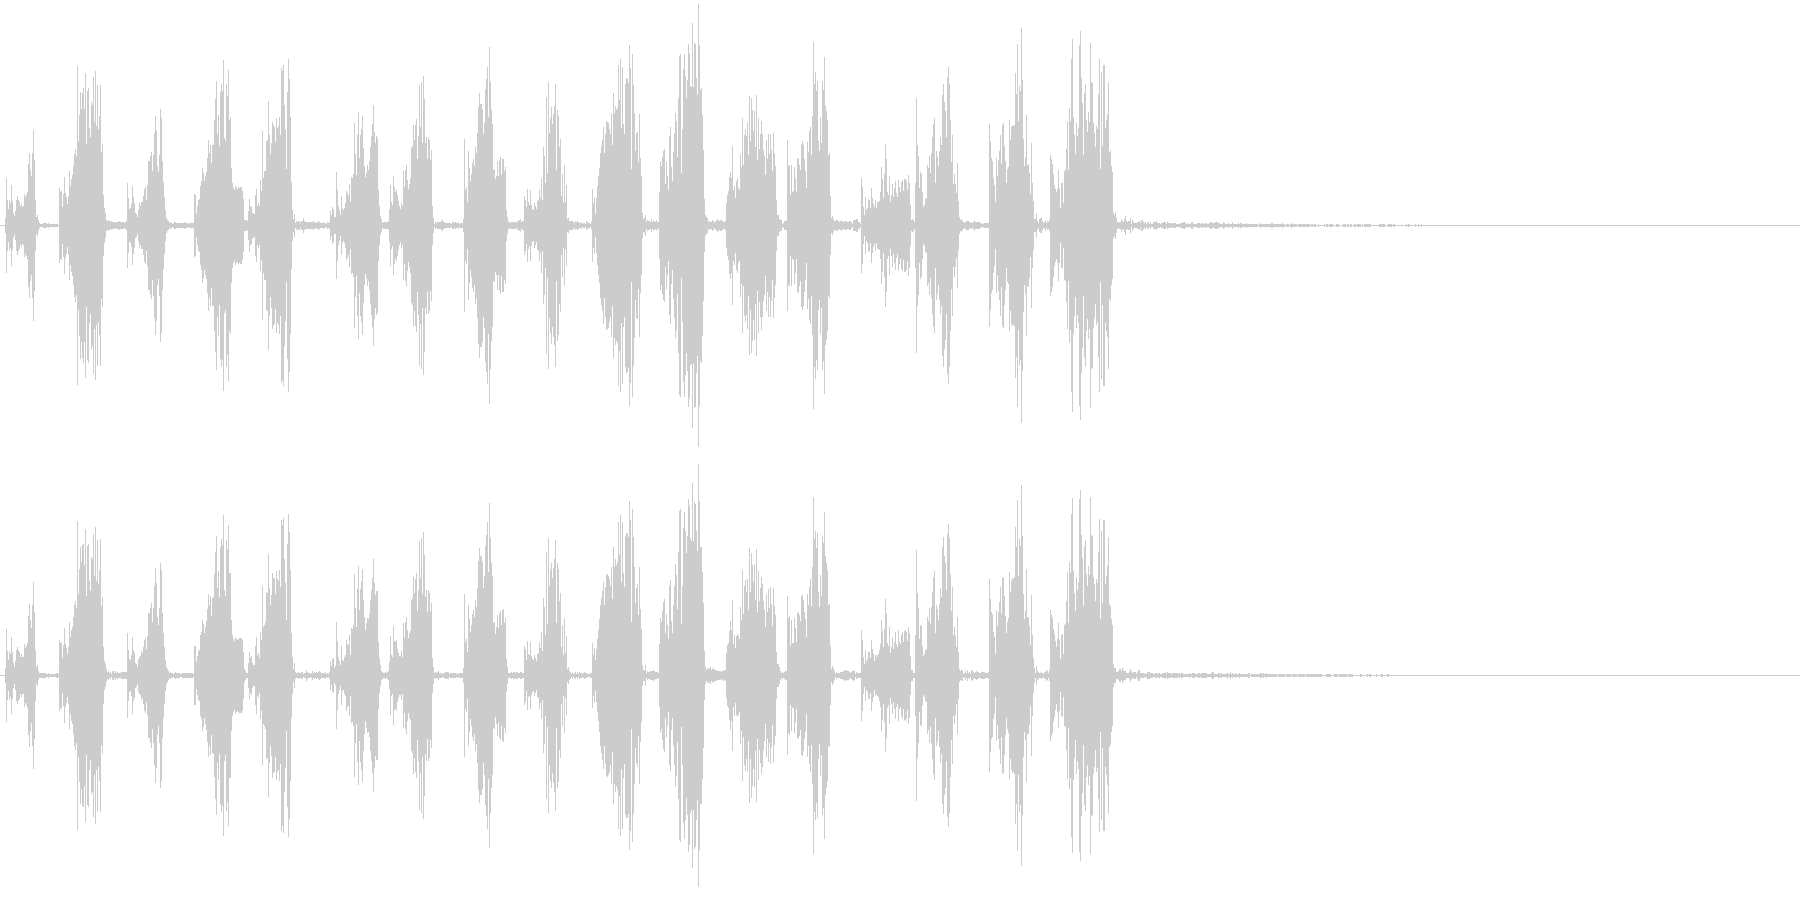 アコーデオン:シリー・タンブル・ダ...の未再生の波形